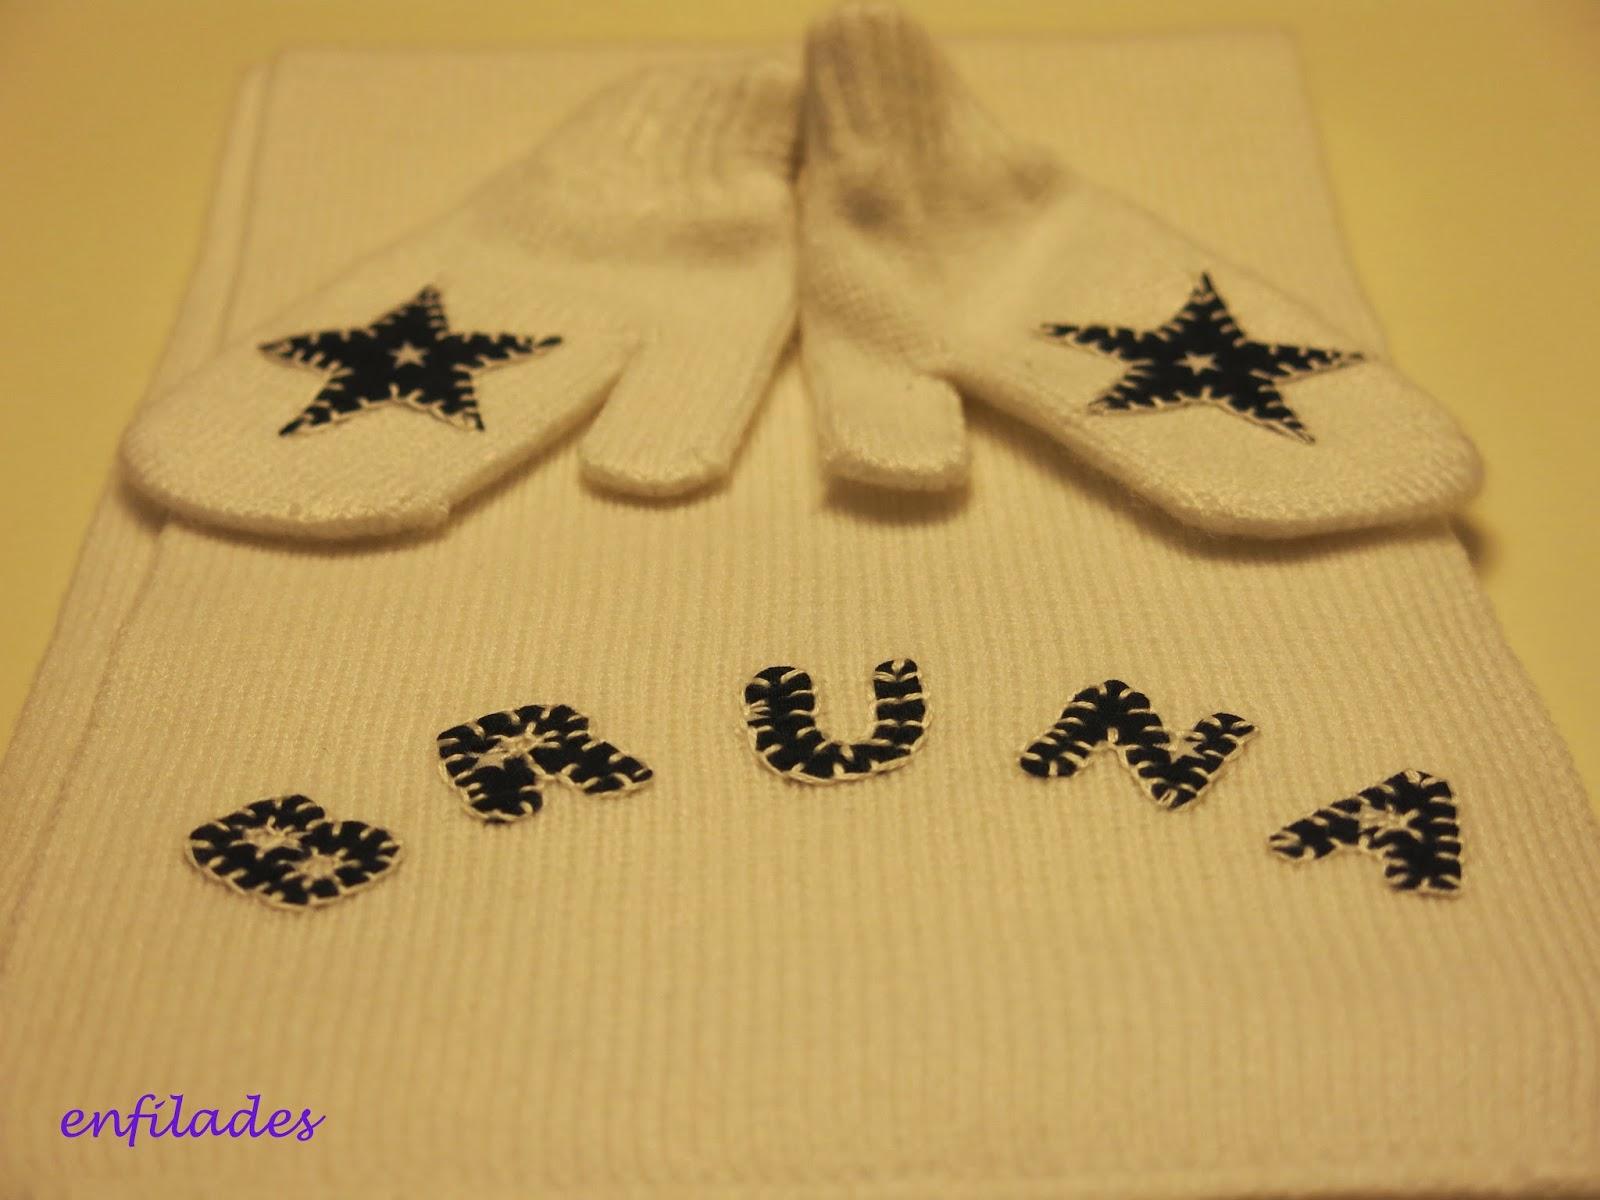 bufanda personalitzada - enfilades